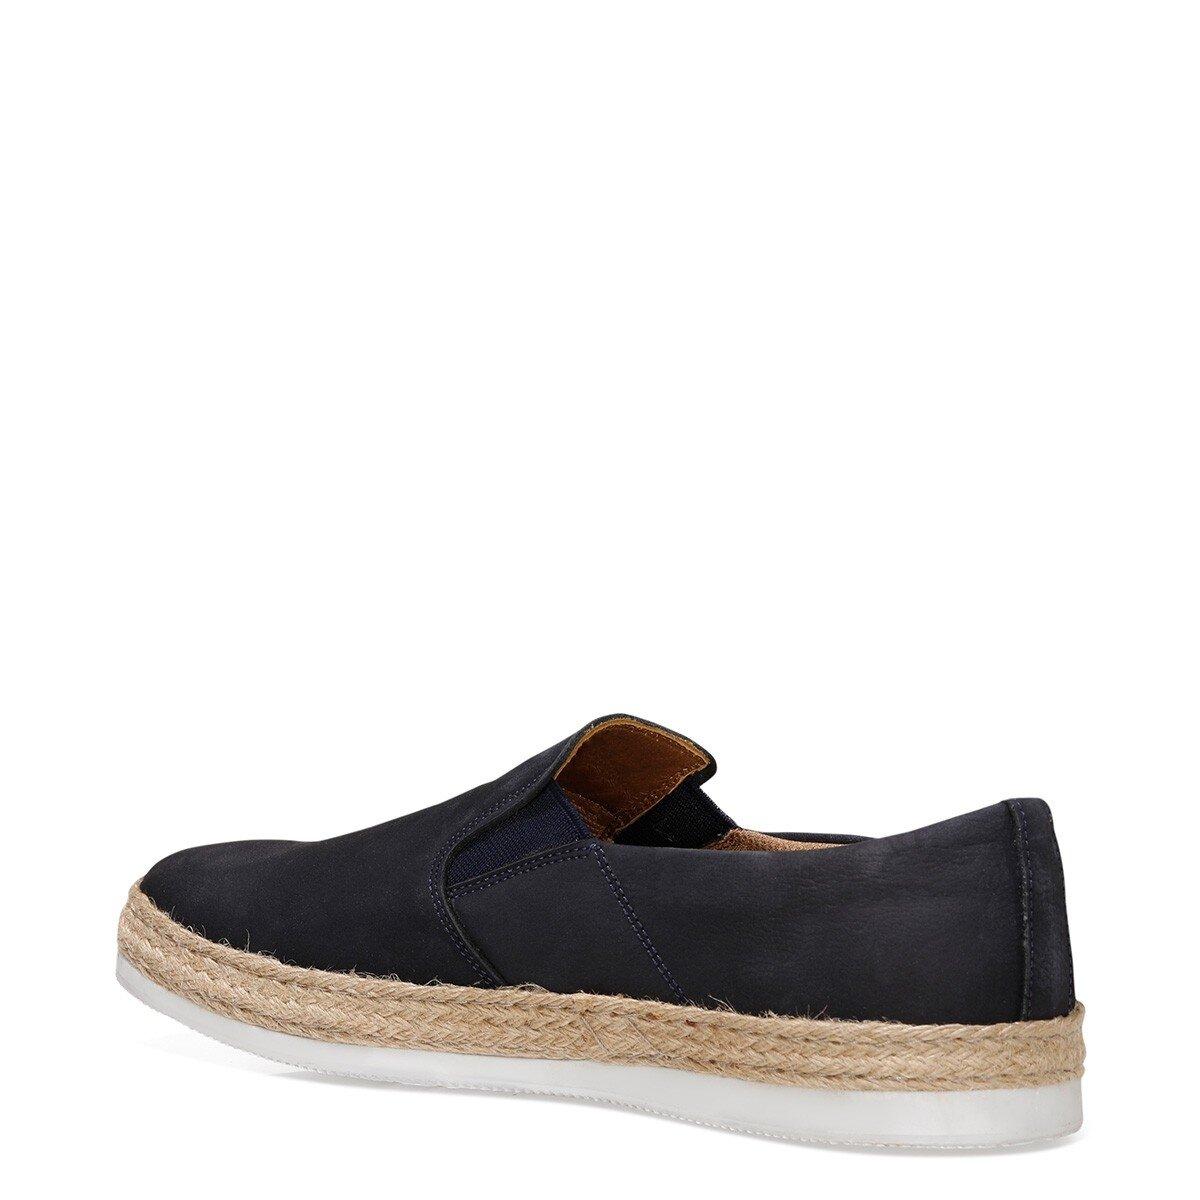 FARDO 1FX Lacivert Erkek Klasik Ayakkabı